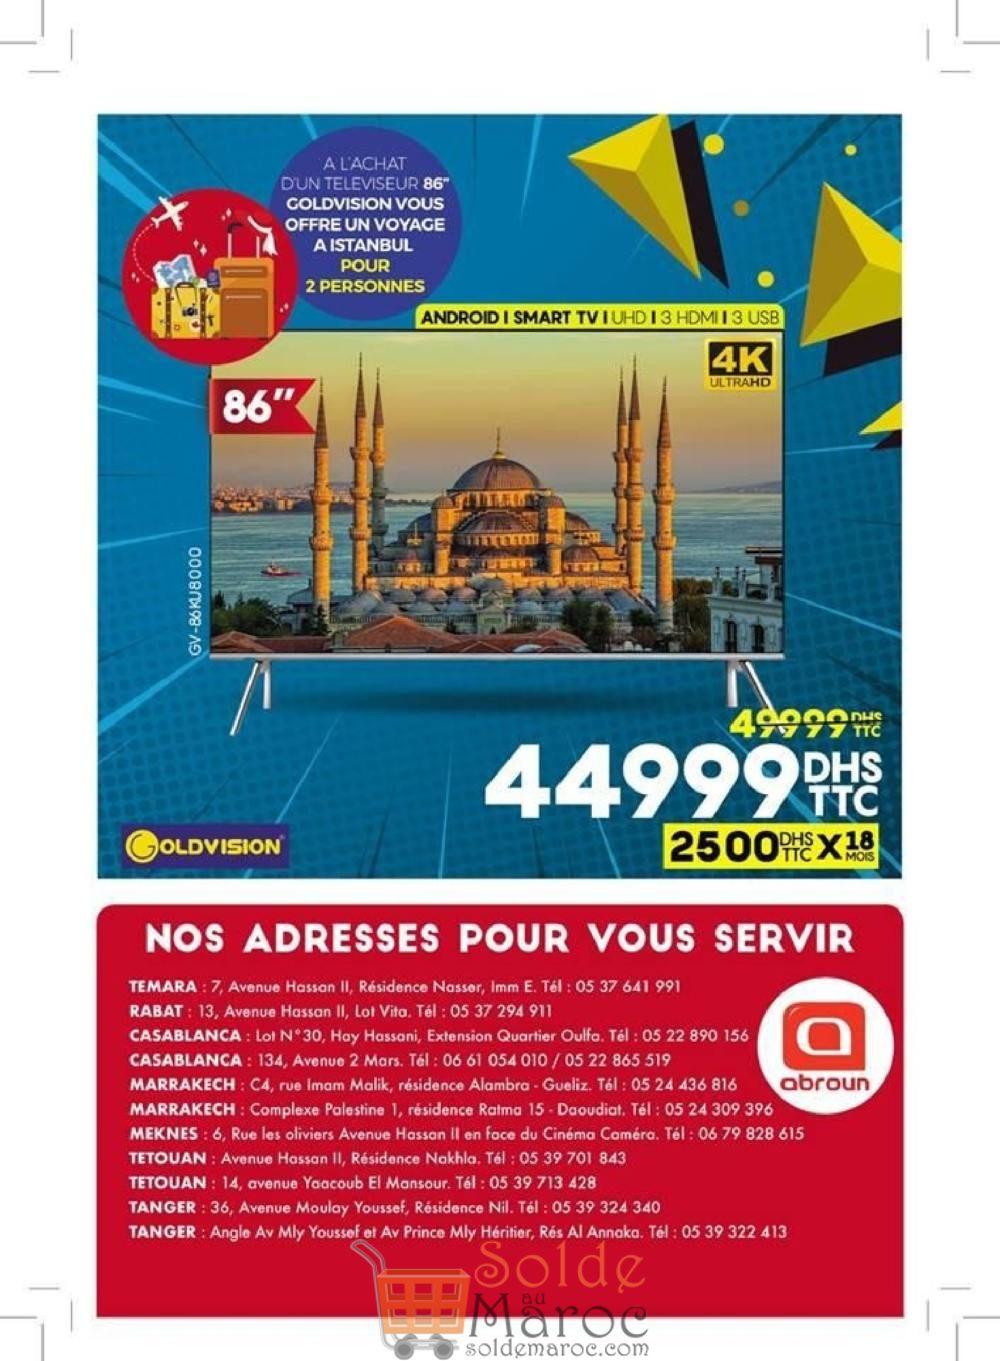 Catalogue Abroun Electro GOLD DAYS Jusqu'au 31 Décembre 2018